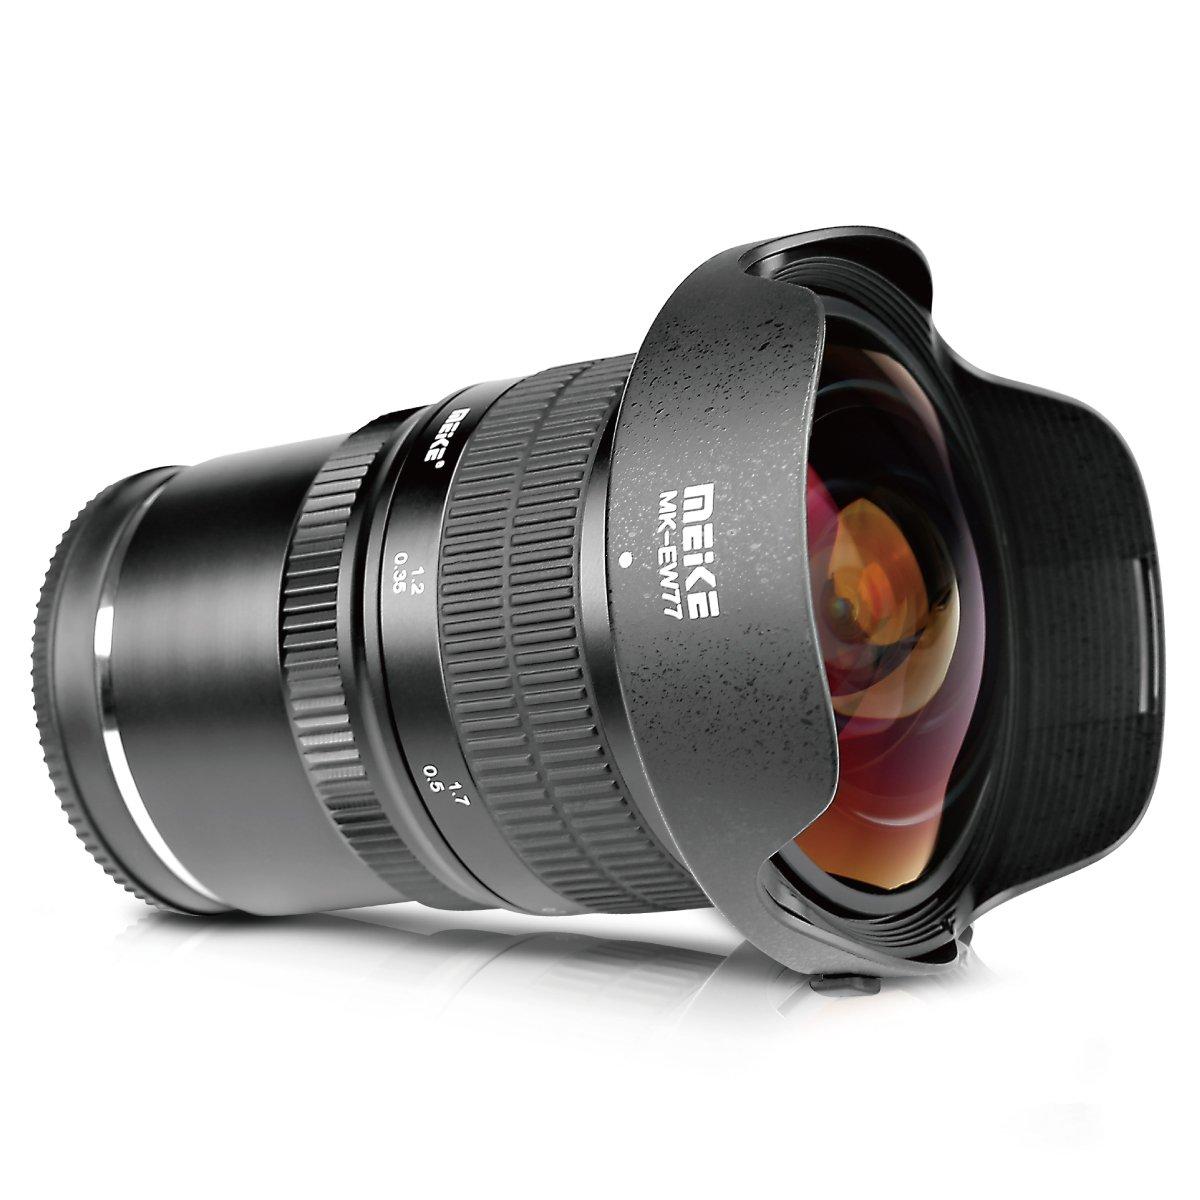 MEKE Meike 8mm f/3.5 Ultra Wide Rectangle Fisheye Lens for Sony E-mount Sony A6500, A6000,A6100,A6300,Nex3,Nex3n,Nex5,Nex5t,Nex5r,Nex6,Nex7,A7II,A7SII,A7RII,A6500,A9 Cameras